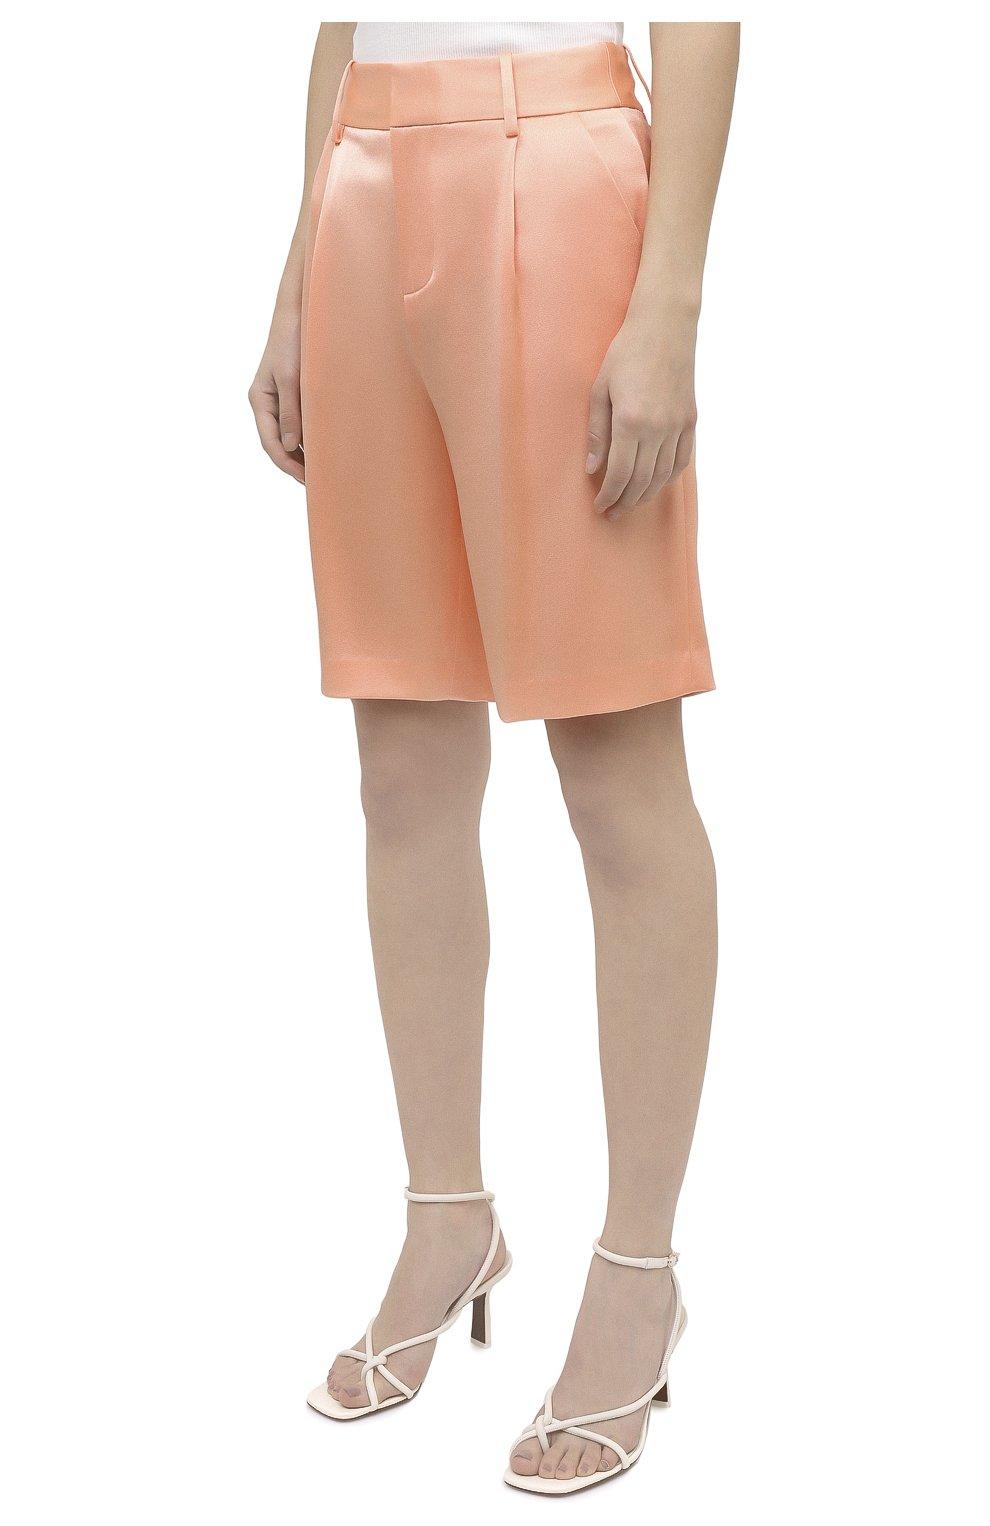 Женские шорты ALICE + OLIVIA оранжевого цвета, арт. CC004205610   Фото 3 (Женское Кросс-КТ: Шорты-одежда; Стили: Гламурный; Материал внешний: Синтетический материал; Длина Ж (юбки, платья, шорты): Миди)